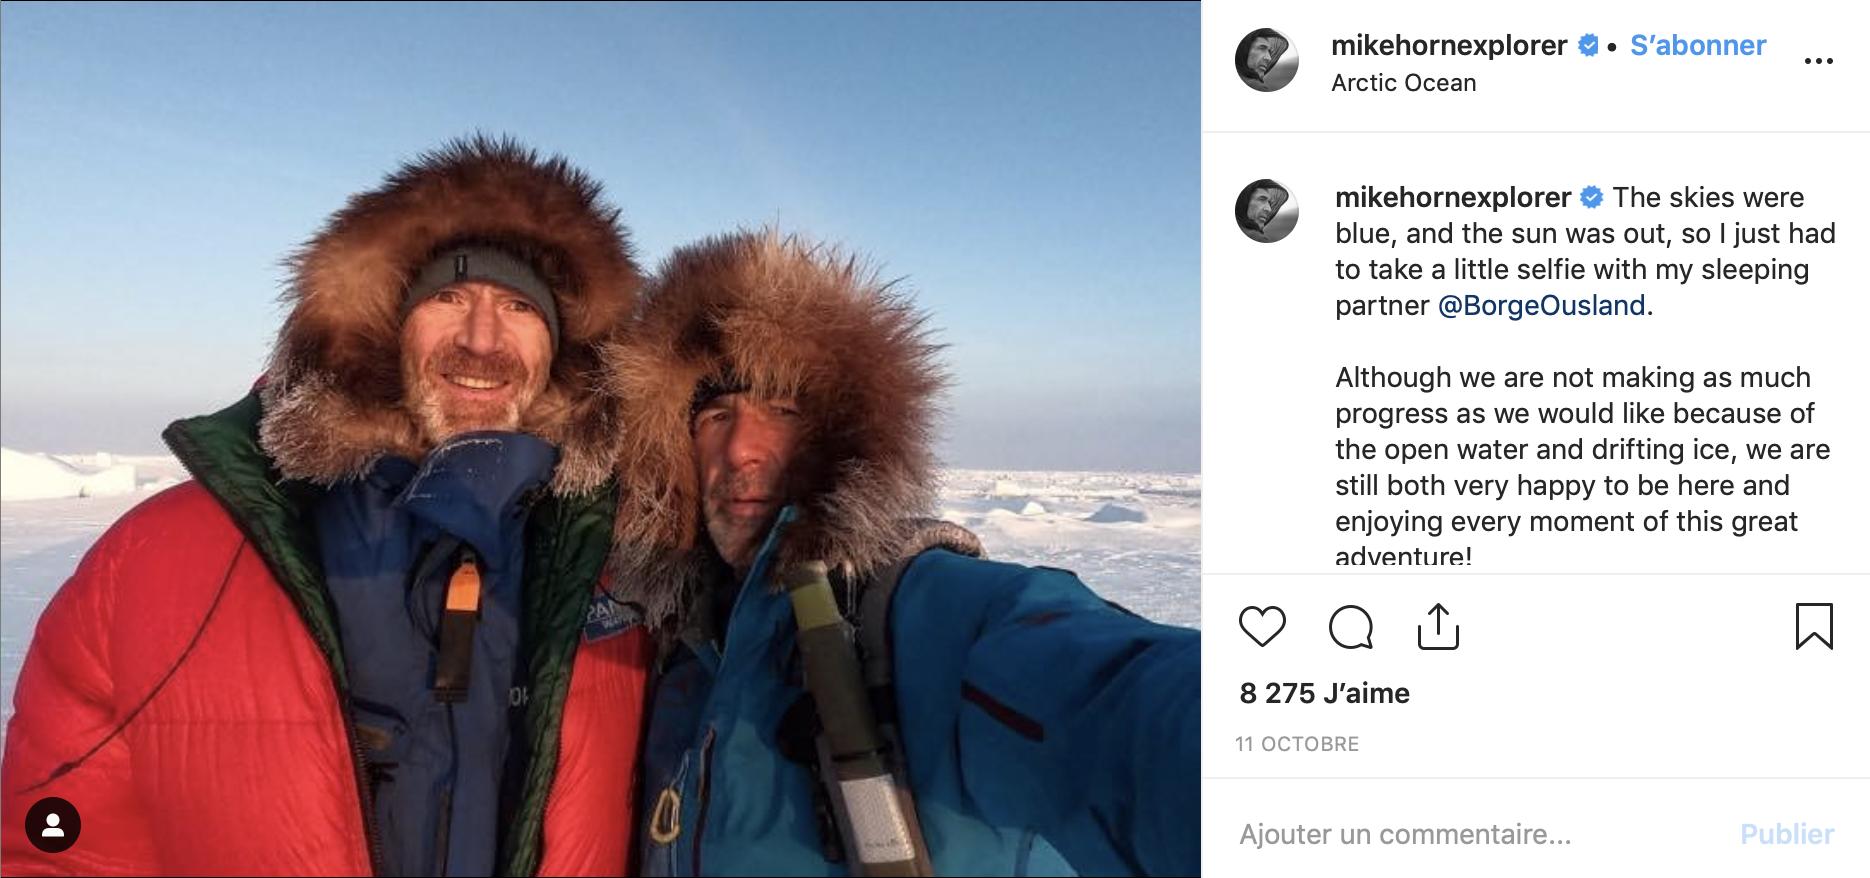 Pour Mike Horn la fin de cette aventure annonce la fin de son expedition pole2pole. En 2017, il avait traversé le Pole Sud via l'Antarctique, la première parti d'un défi qui se termine en décembre 2019 par la traversée de l'Arctique via le Pole Nord. Crédit Photo: Instagram @Mikehornexplorer